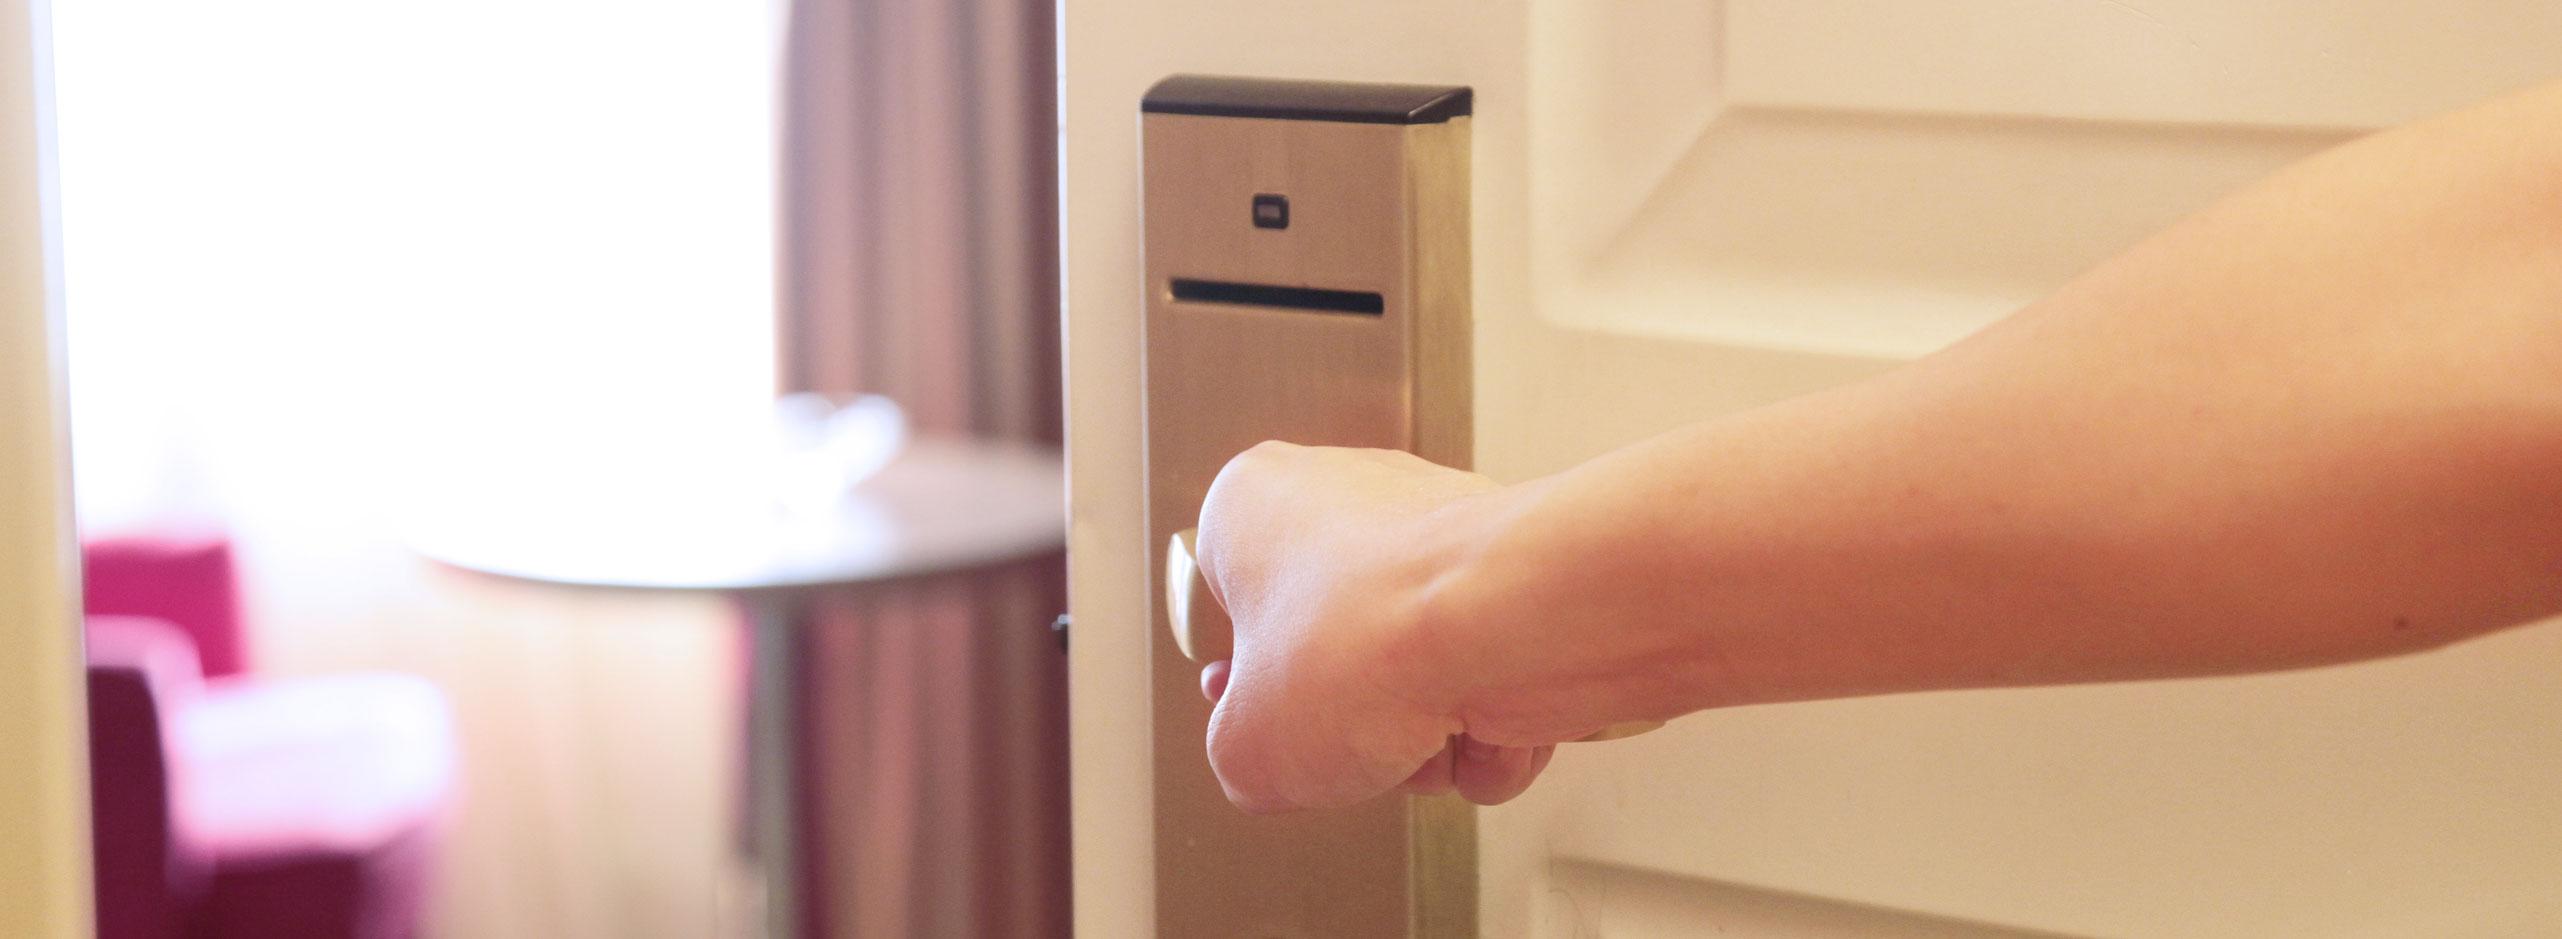 تصویر از امنیت فیزیکی و Access Card ها – قسمت اول